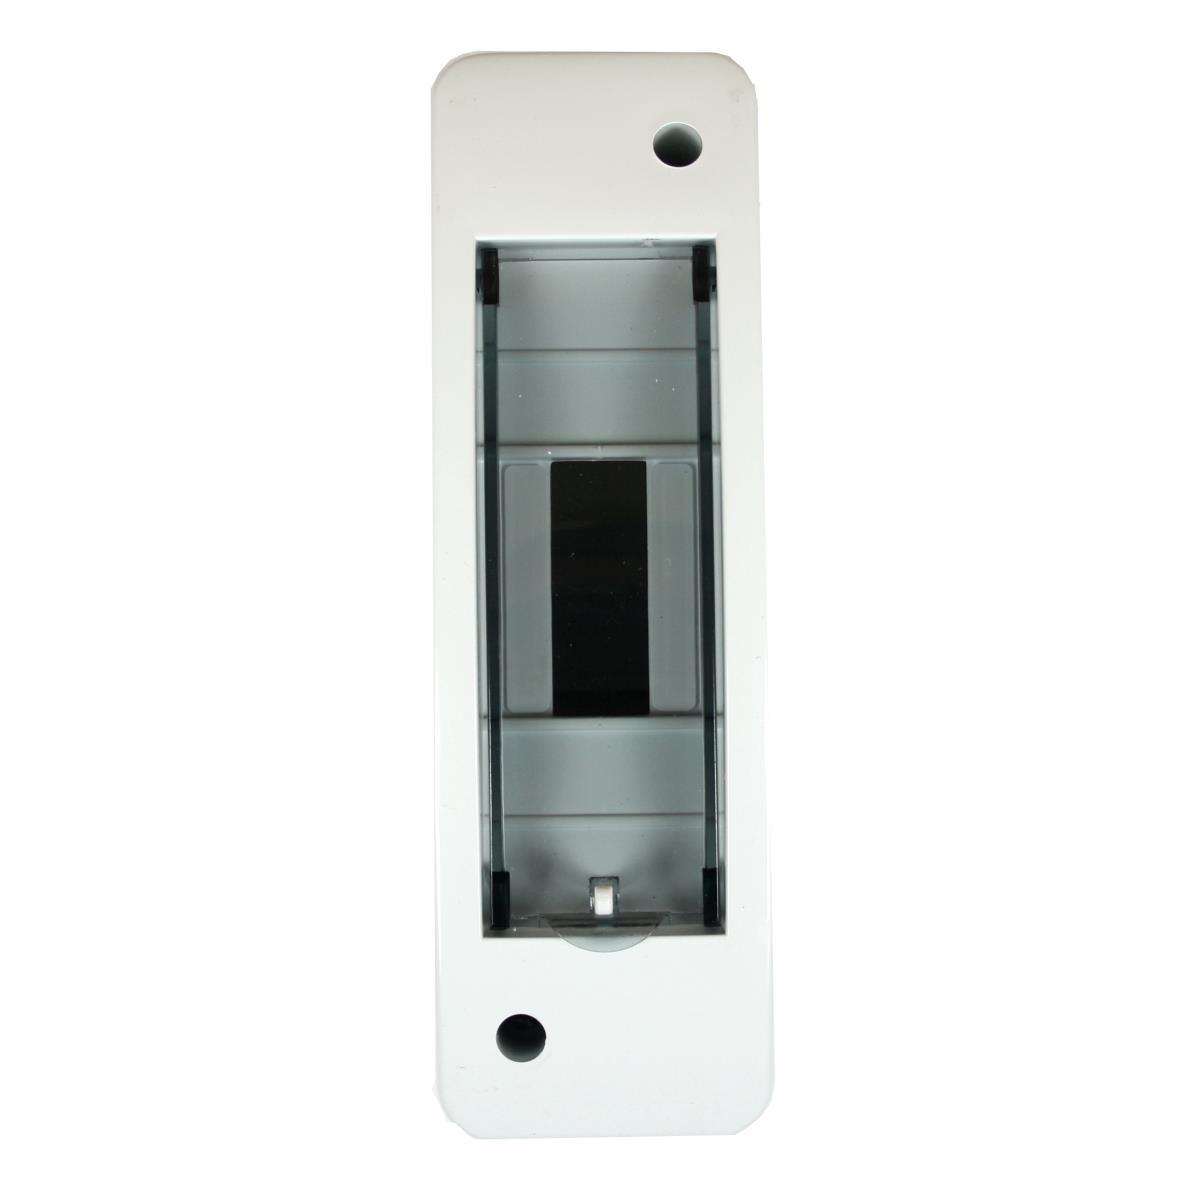 Sicherungskasten Verteilerkasten Aufputzverteiler 2 Module 1-reihig IP42,Elektro-Plast,RTNTO2, 5903978376304